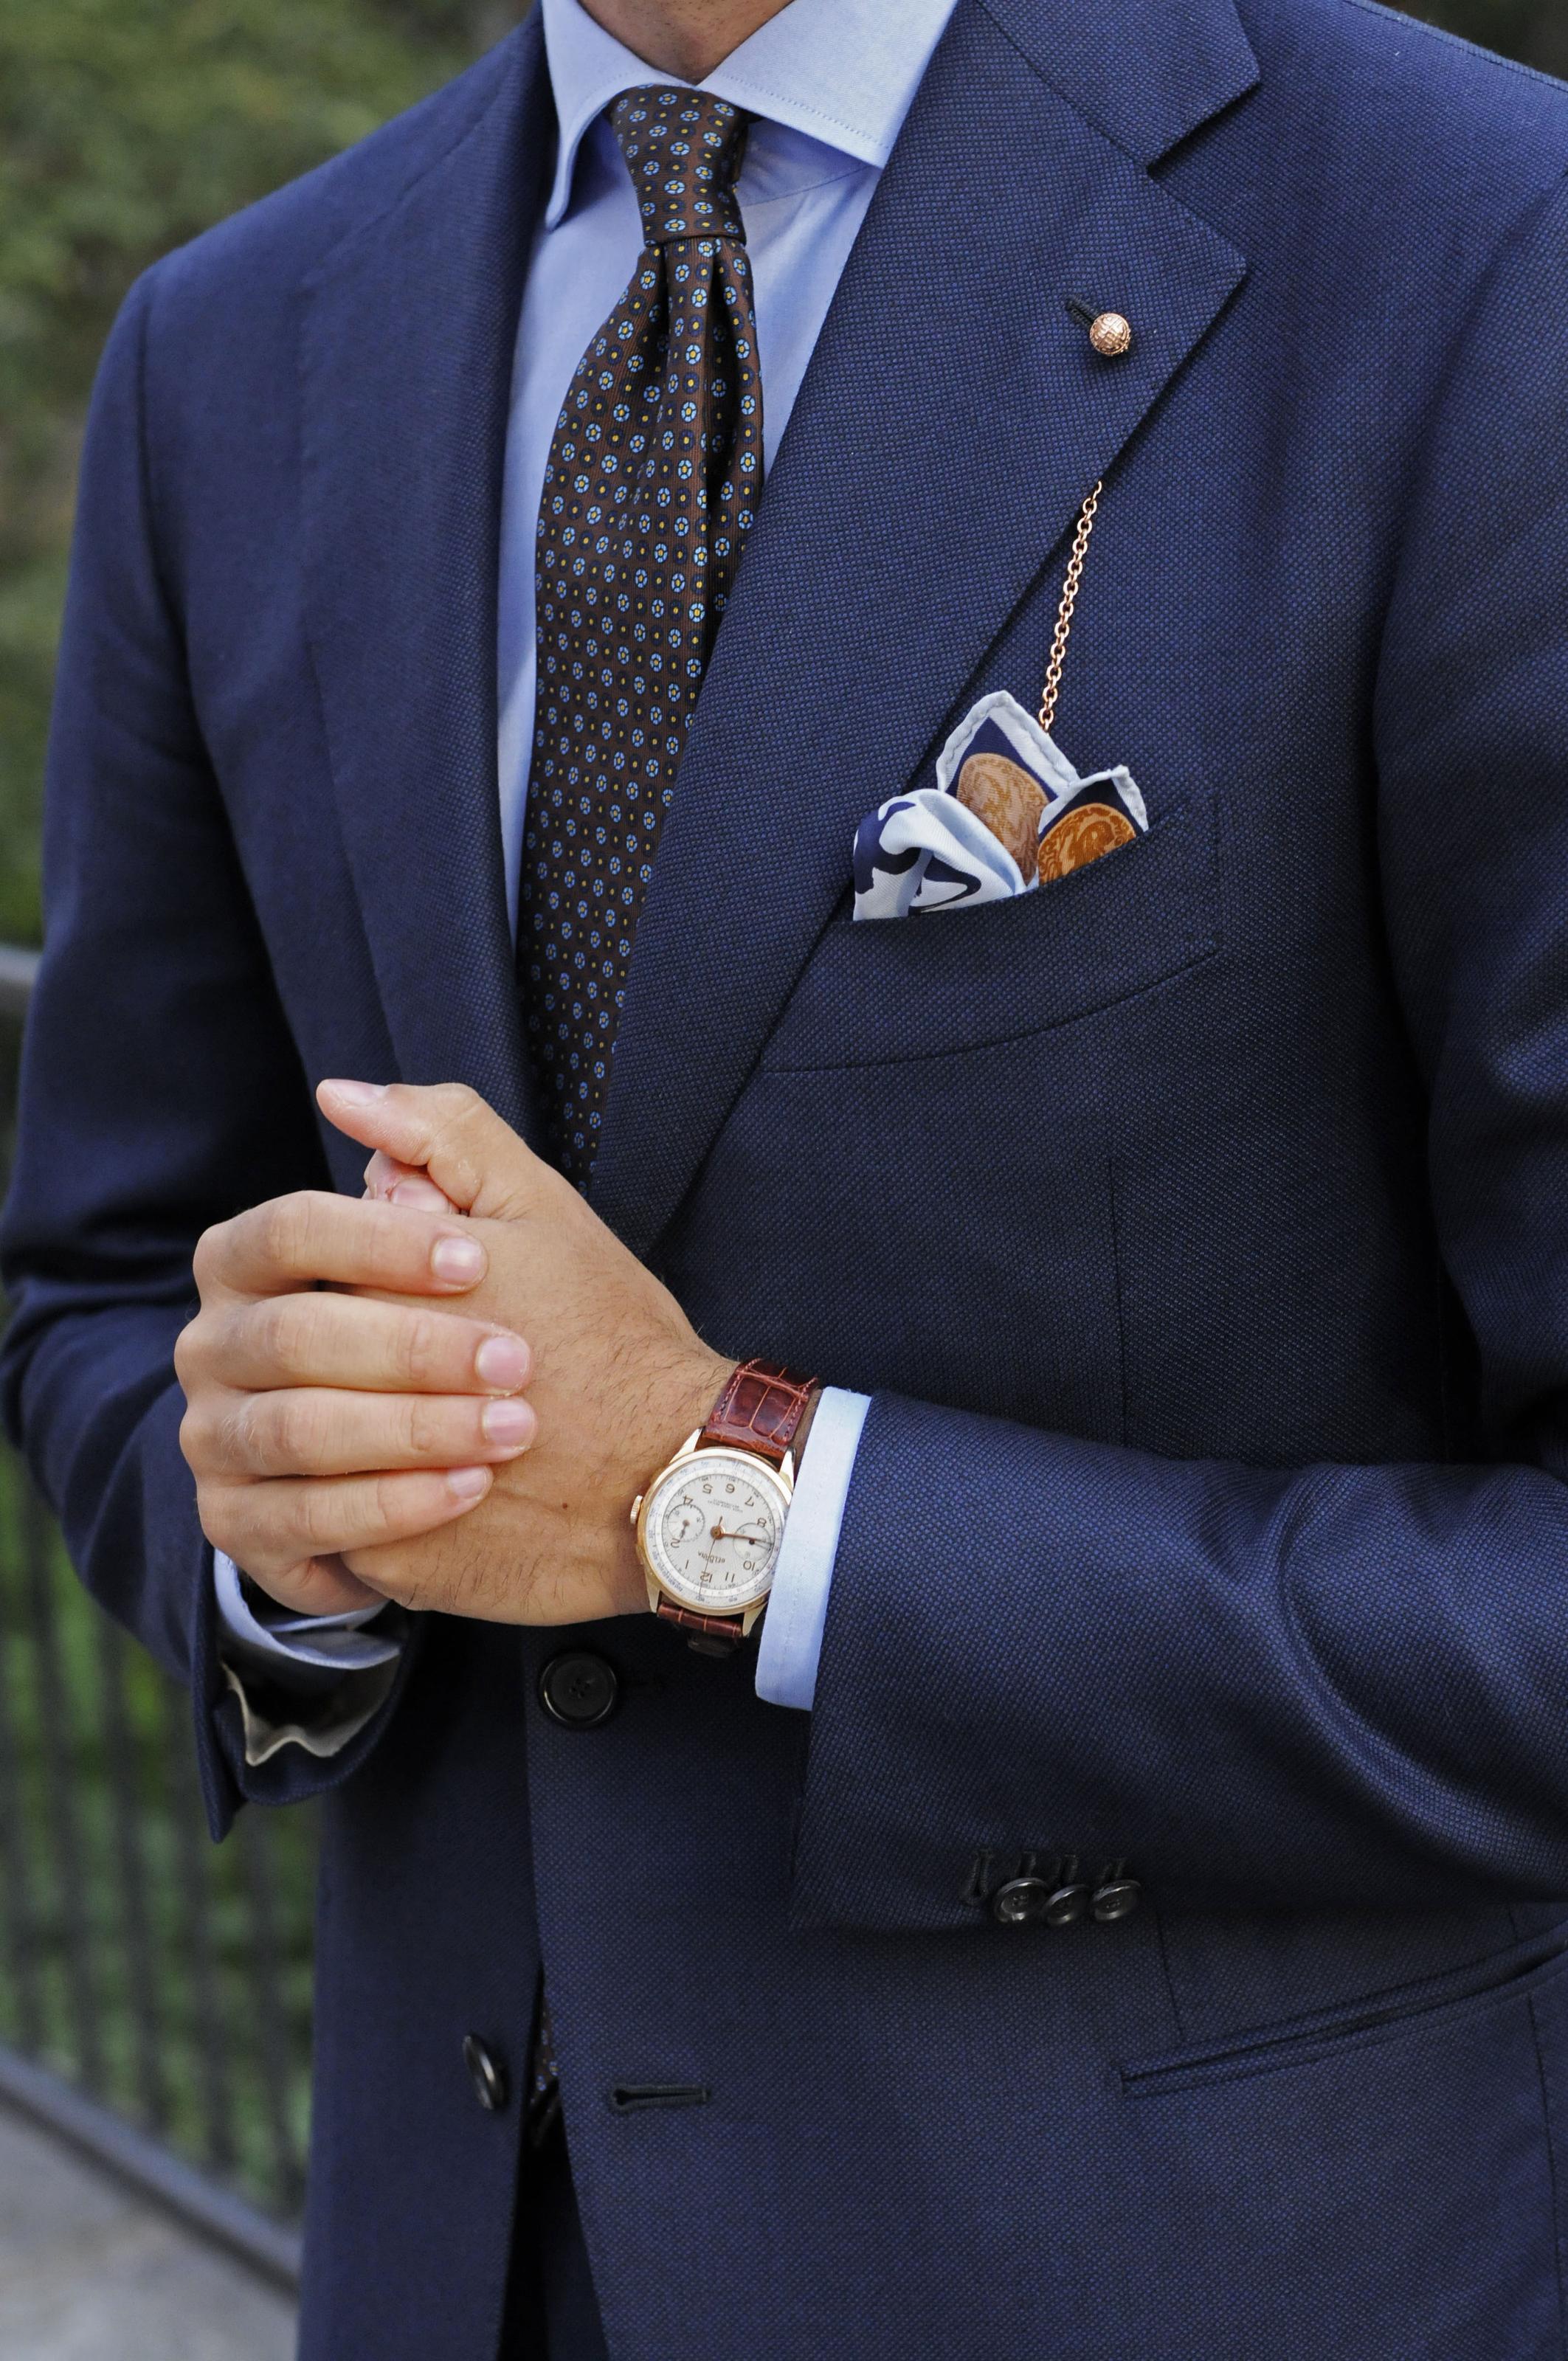 Metallen från kragkedjan och klockan går i samma ton och klockans läderband  som har en rödbrun nyans plockas upp i skorna som ni ser ovan. b2e0a2695198e